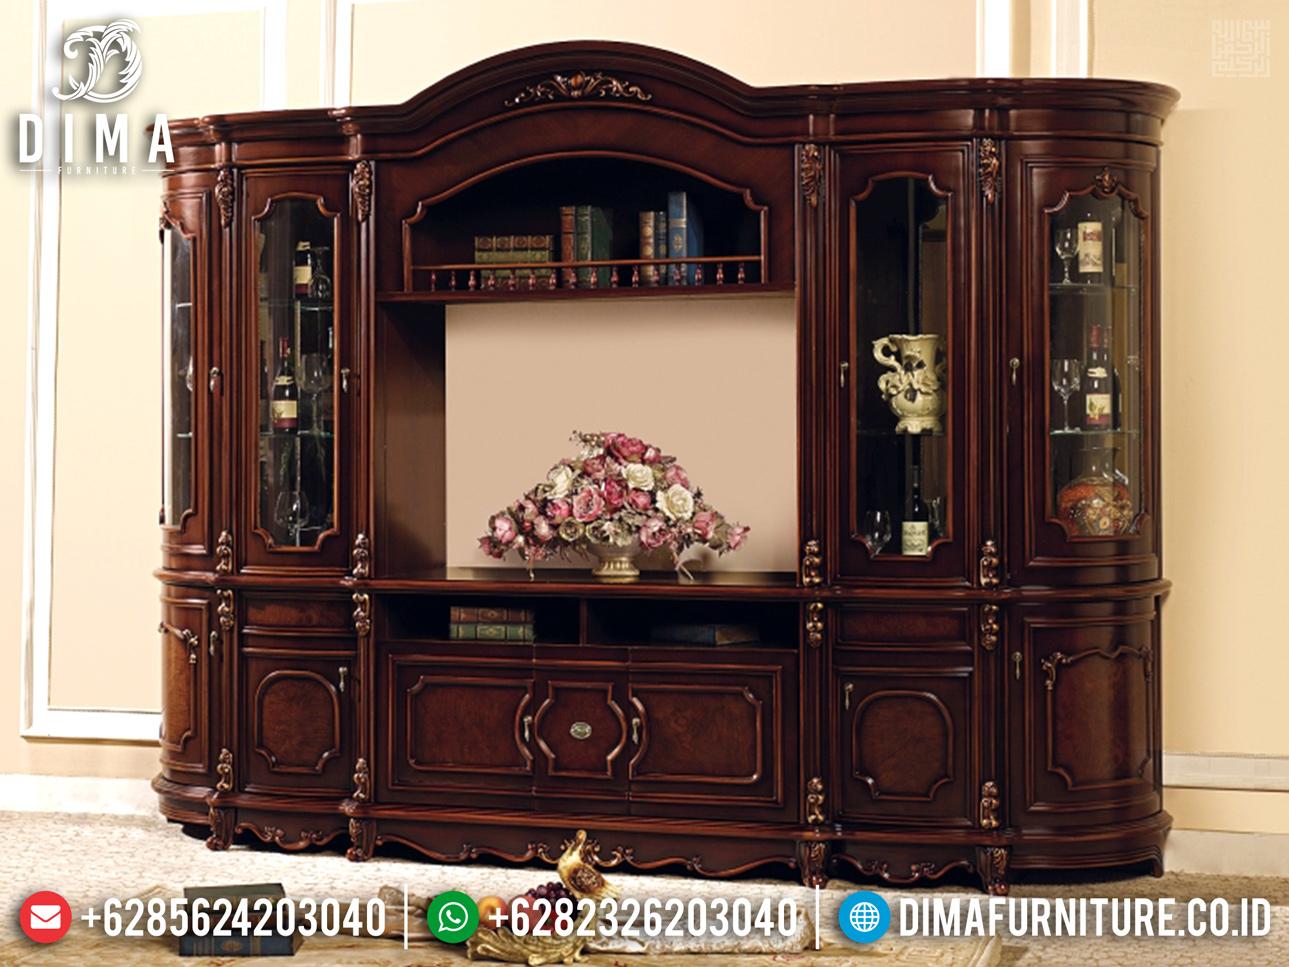 Harga Discount!!! Bufet TV Mewah Jati Natural Ukiran Jepara BT-0345